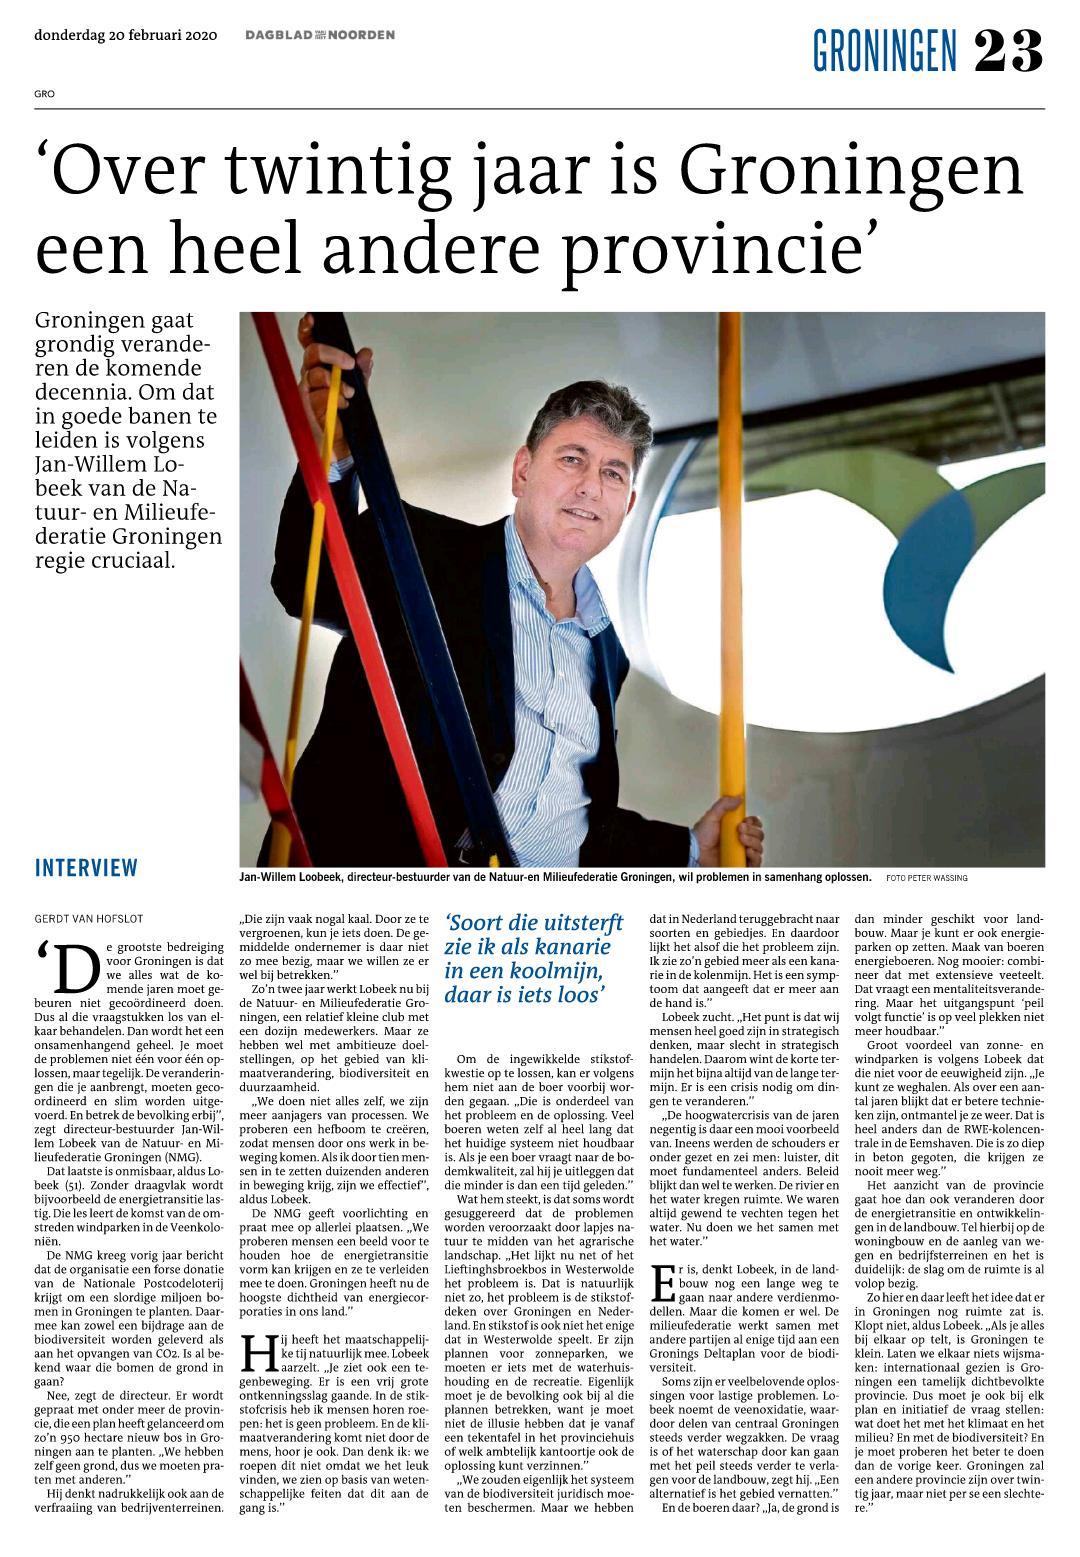 Interview: 'Over twintig jaar is Groningen een heel andere provincie. Maar niet per se slechter'